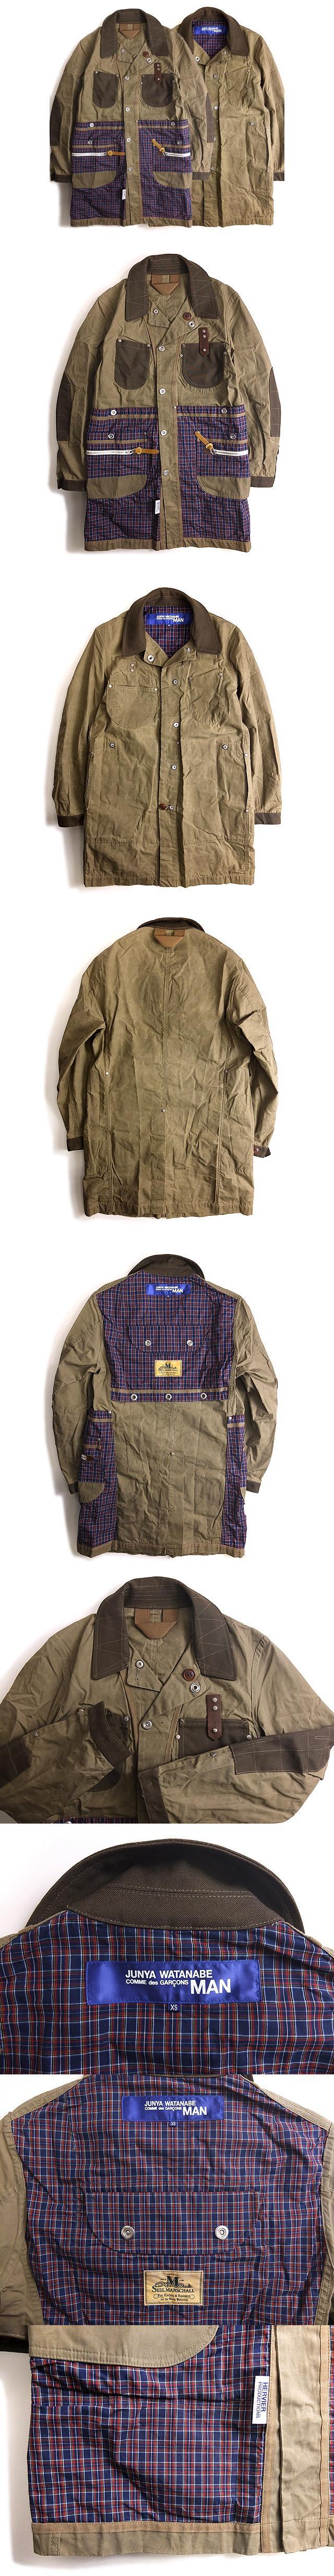 × サイルマーシャル Seil Marschall × エルヴィエ HERVIER 14SS ステンカラー コート Cotton Weather Paraffin Reversible Coat リバーシブル XS オリーブ カーキ 春秋